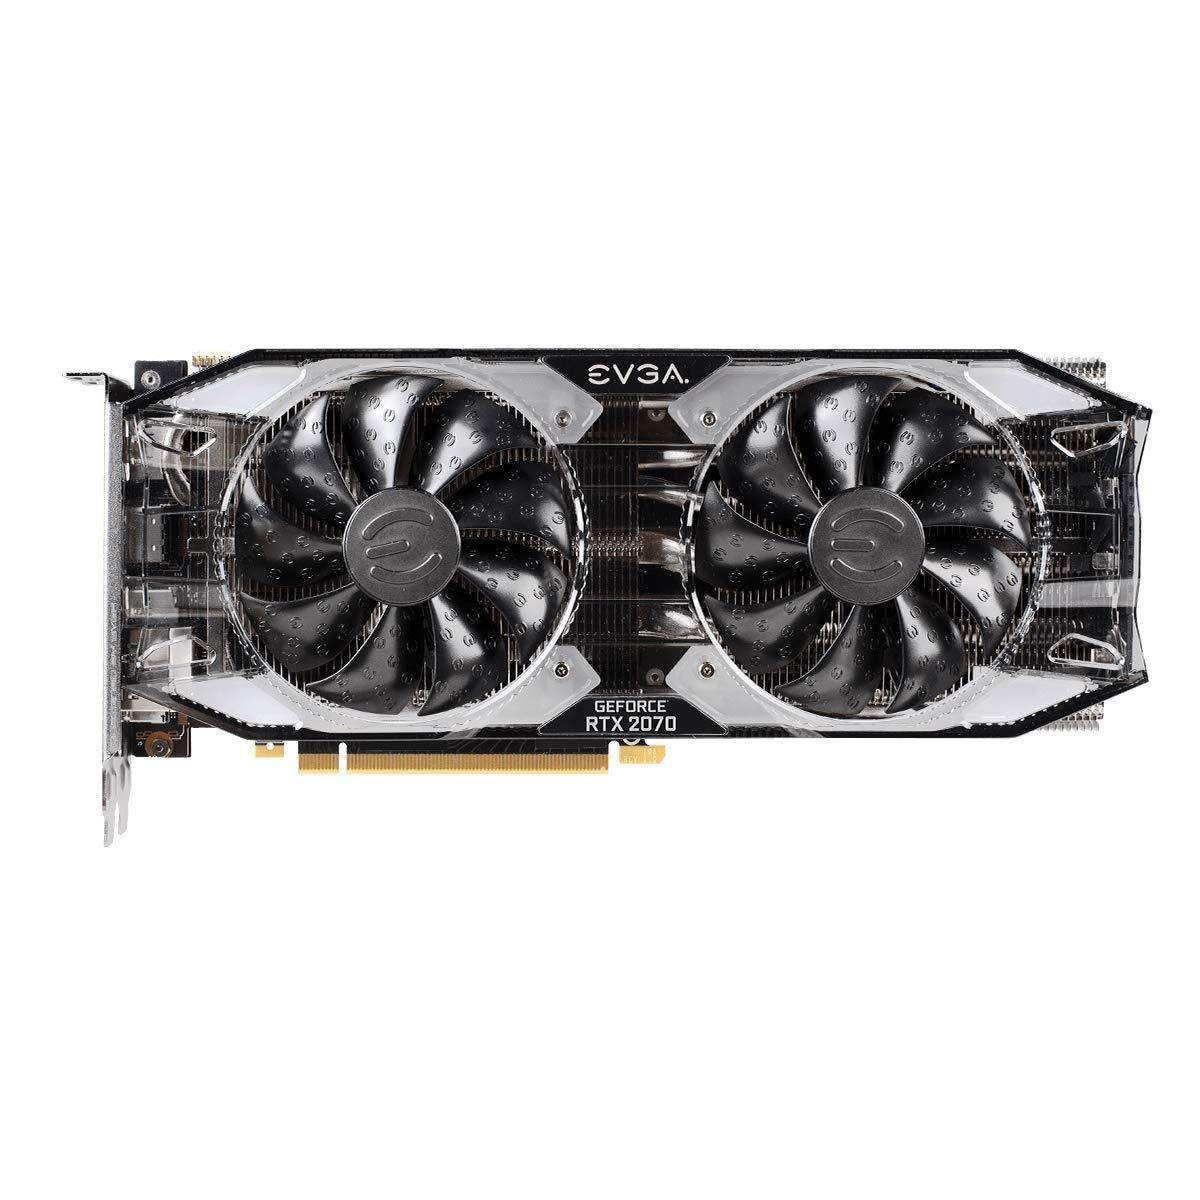 EVGA GeForce RTX 2070 XC Gaming, 8GB GDDR6, Dual HDB Fans